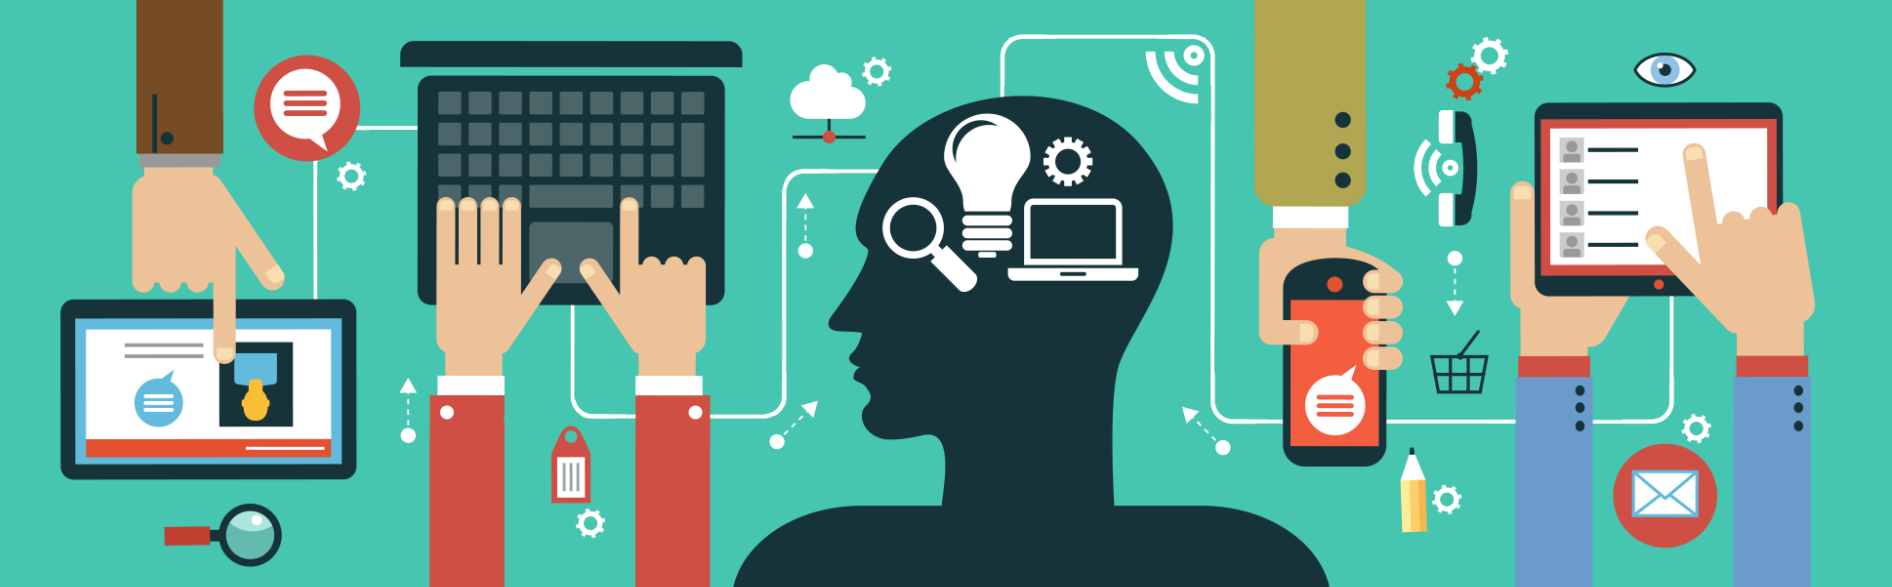 چرا سواد دیجیتال برای کارکنان شرکتها و سازمانها لازم است؟